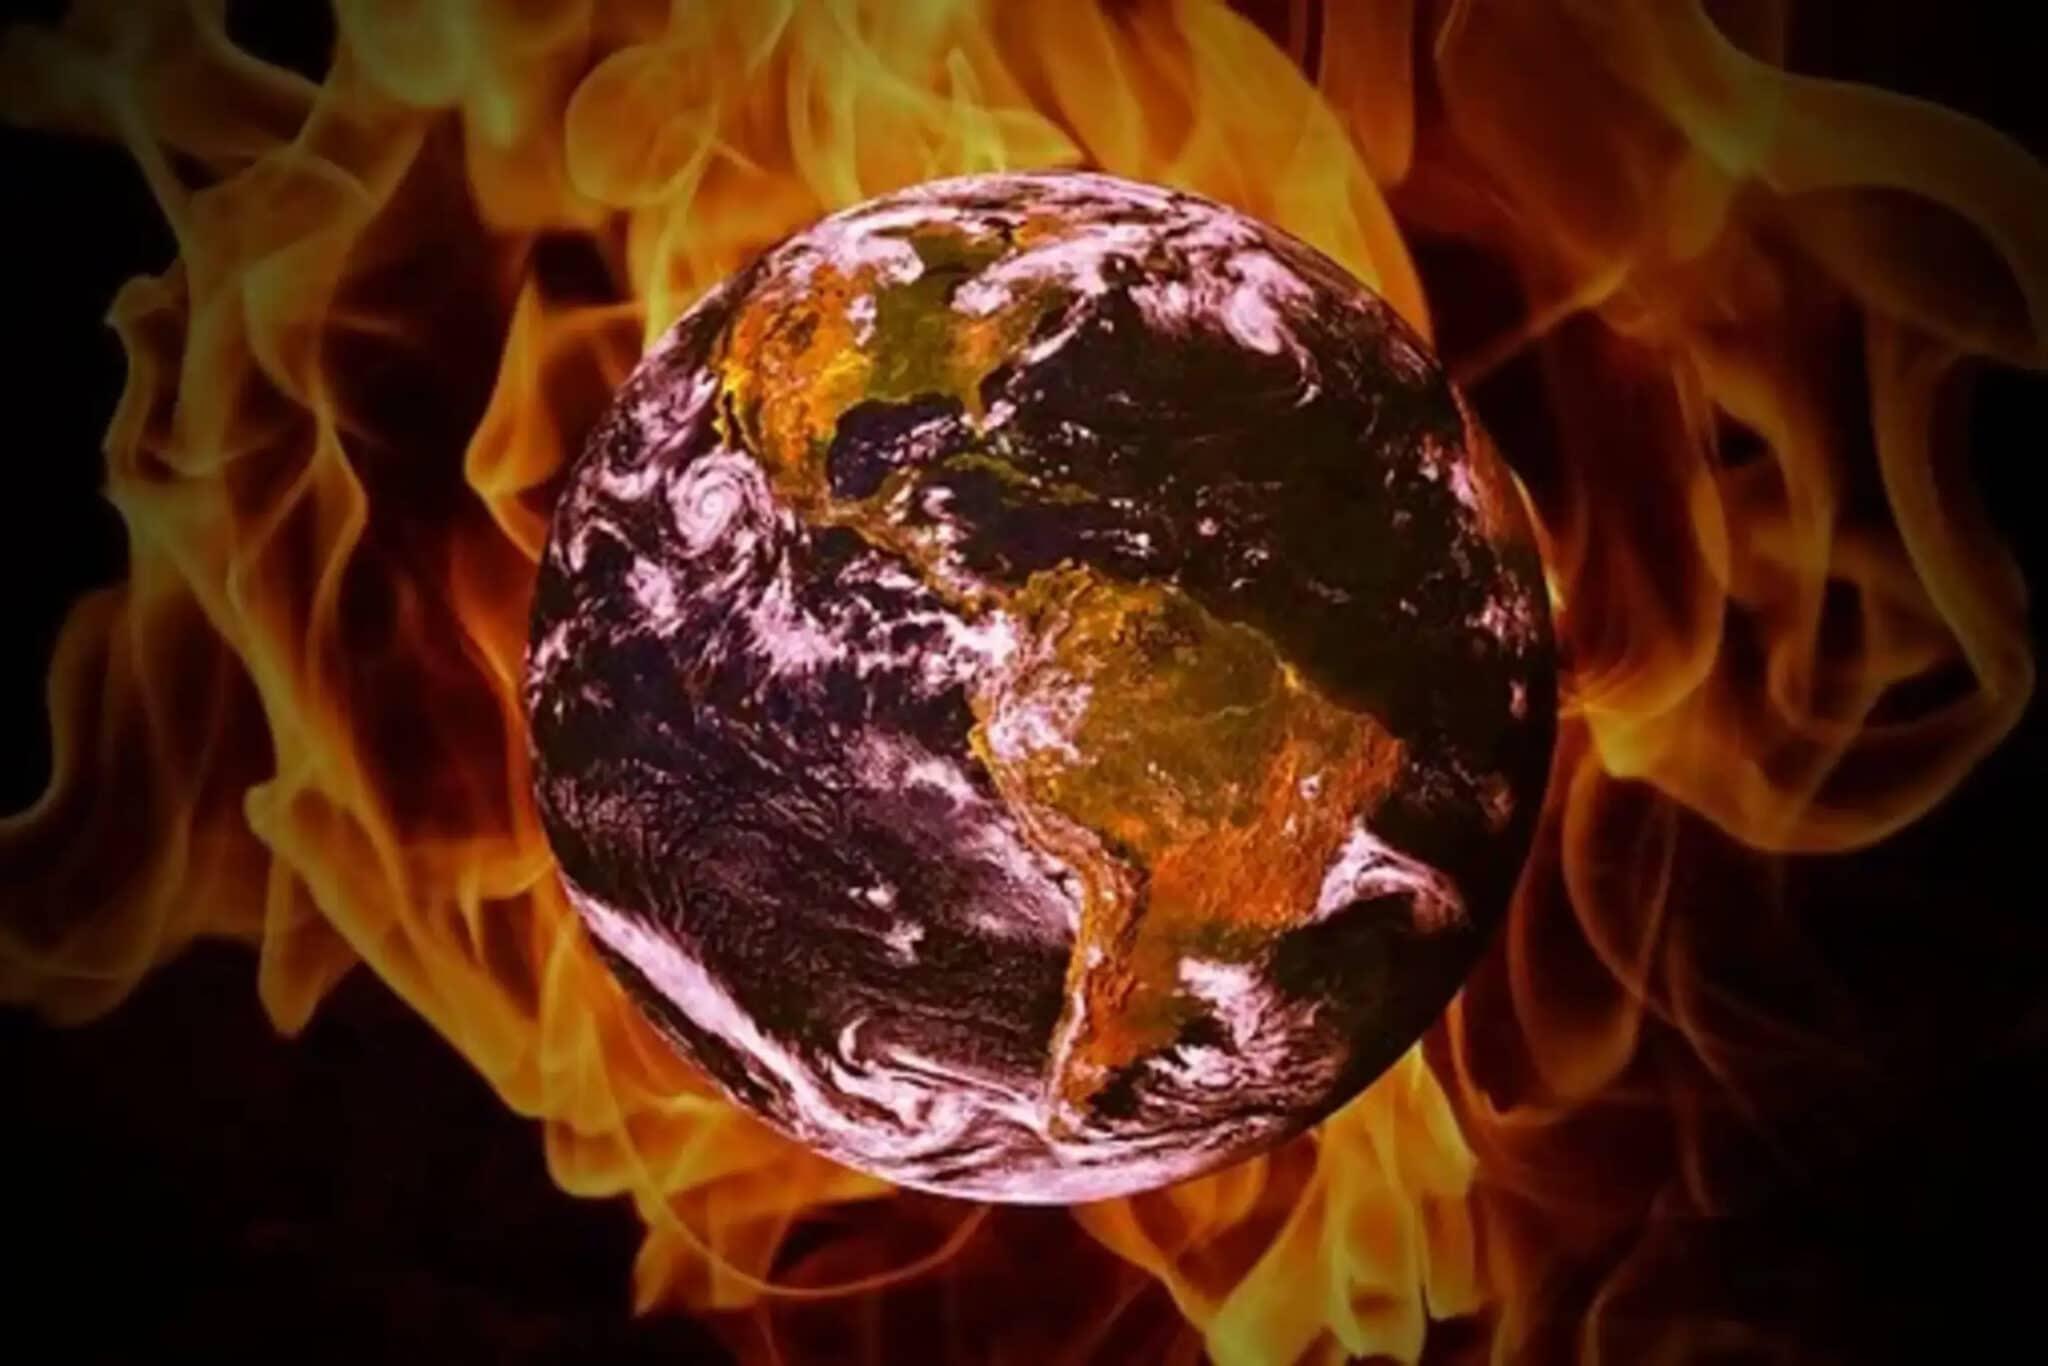 Incendi, clima, Siberia, pianeta, fuoco, pericolo, inquinamento, impatto, foreste, distruzione, danni, rischio, ghiaccio, caldo, record, Energy Close-up Engineering